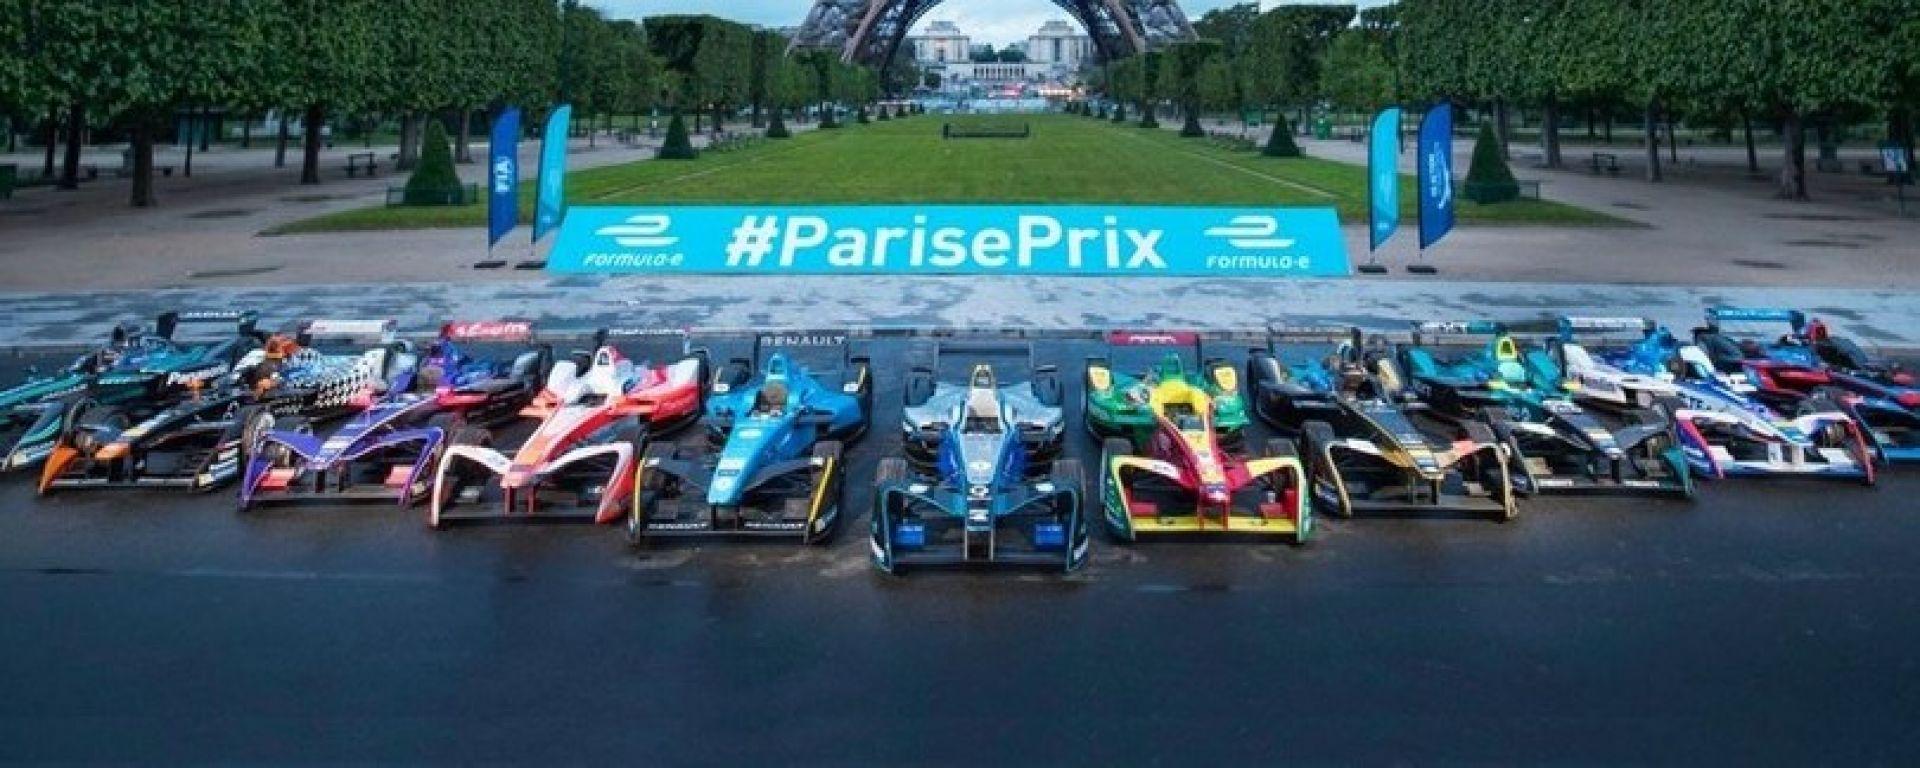 Formula E E-Prix Parigi Francia, tutte le info: orari, risultati, qualifica, gara